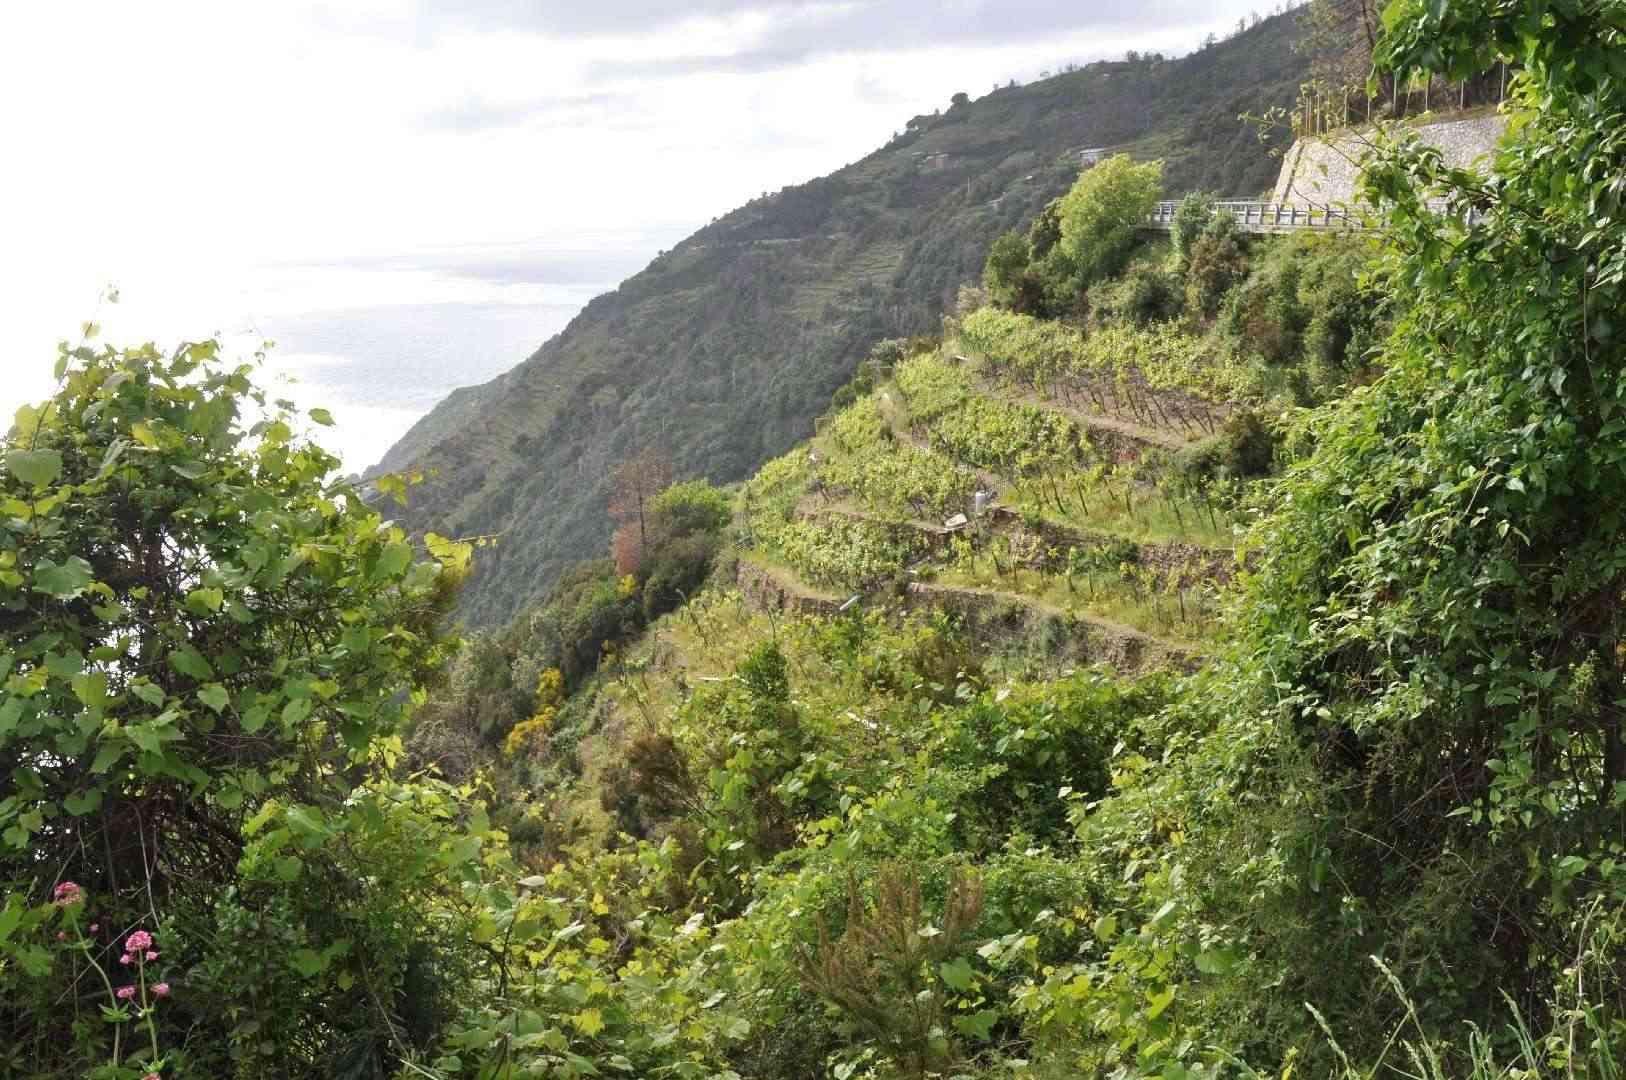 Parc naturel régional de Portovenere, Cinque Terre - Italie Dsc_2517